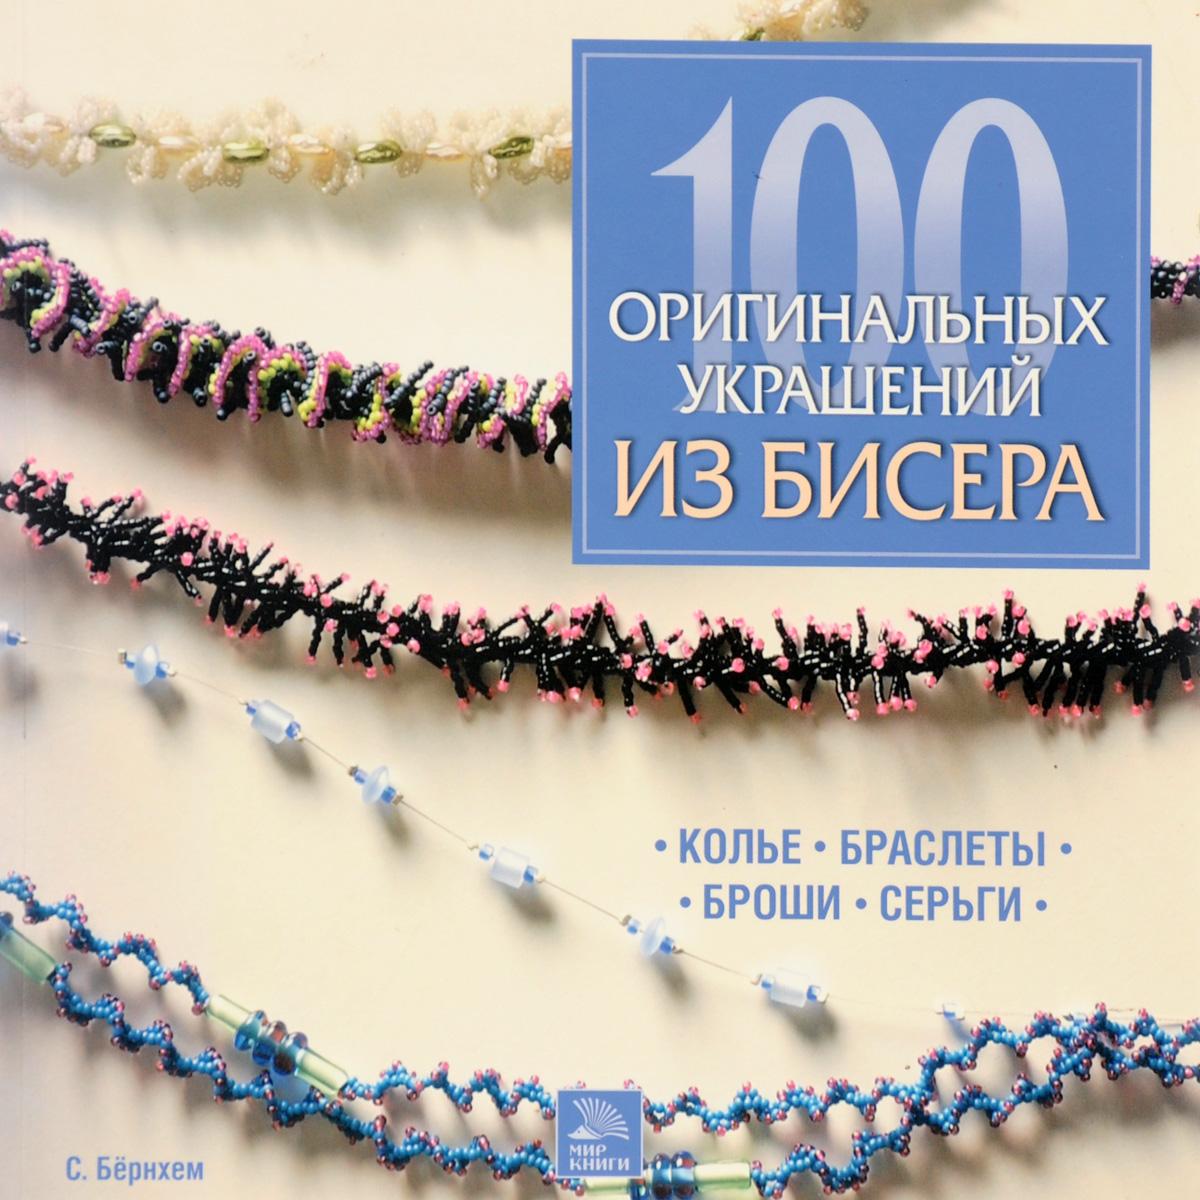 100 оригинальных украшений из бисера. Колье, браслеты, броши, серьги